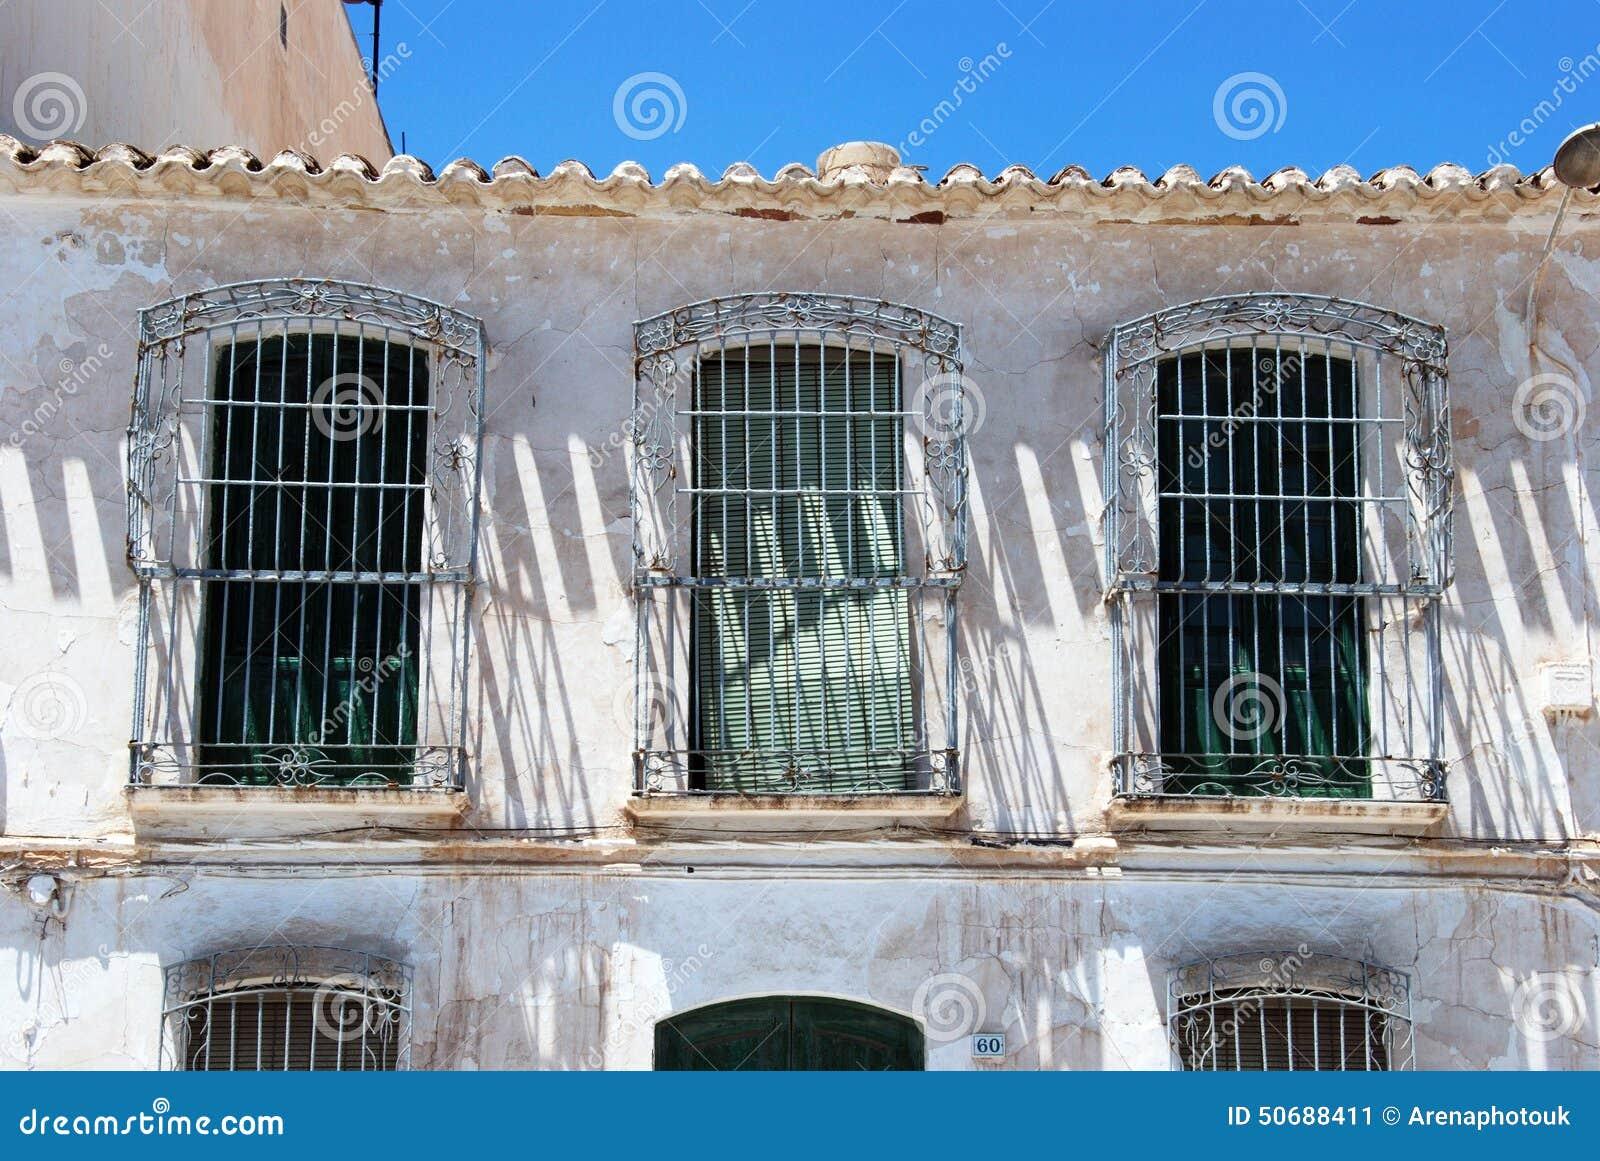 Download 老西班牙房子,加鲁查 库存图片. 图片 包括有 西班牙, 邋遢, 布琼布拉, 安大路西亚, 拱道, 欧洲 - 50688411